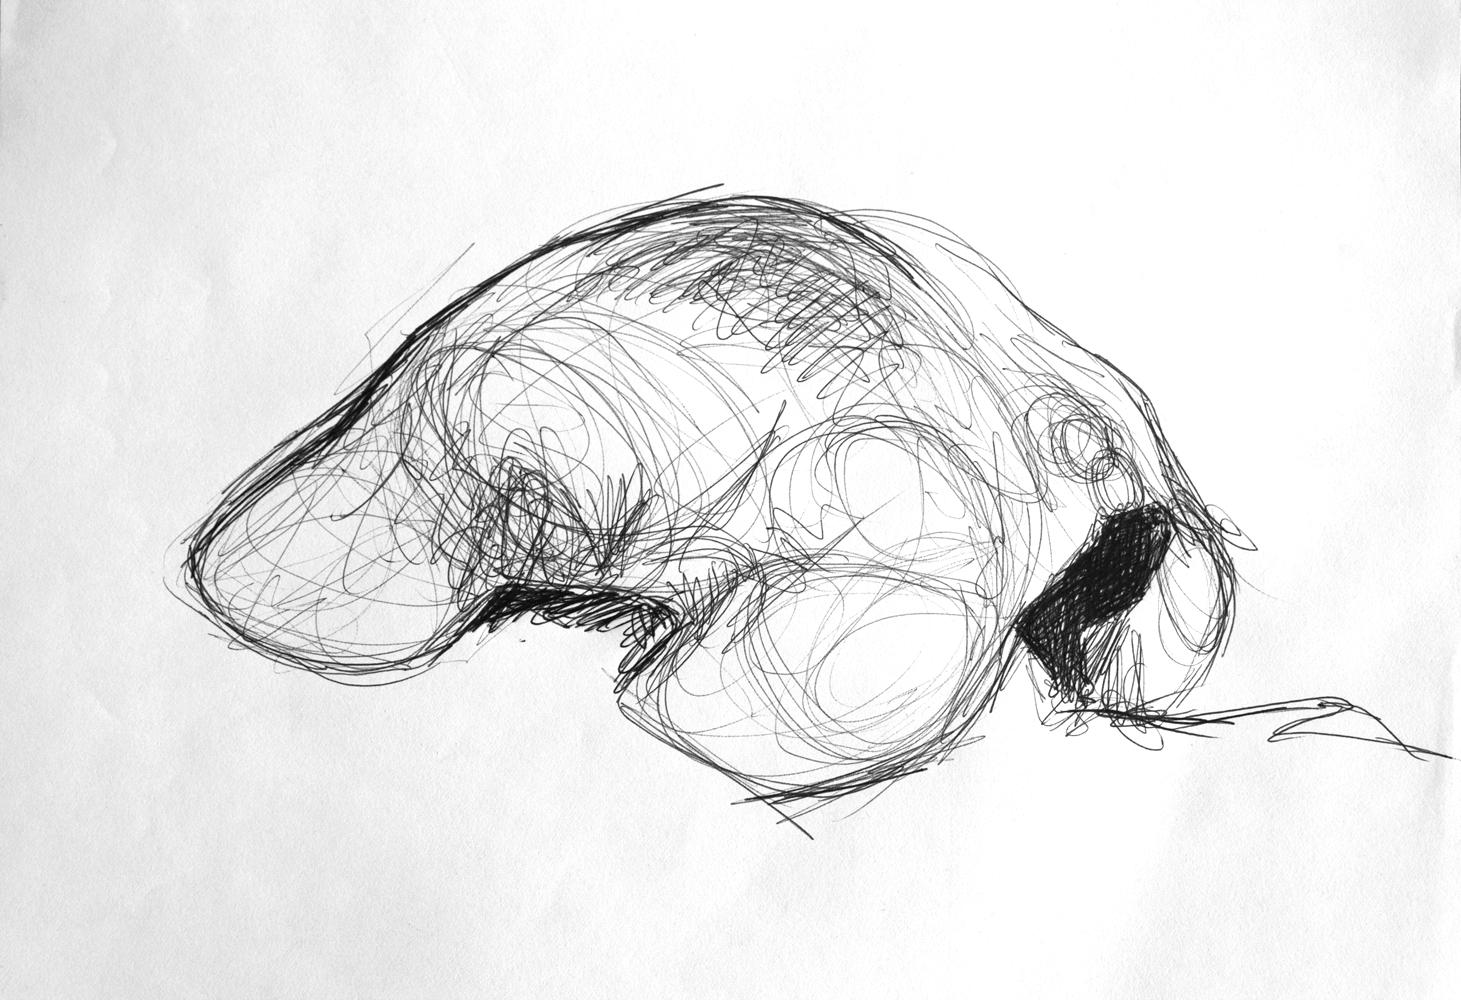 hunched-back-sketch-1.jpg